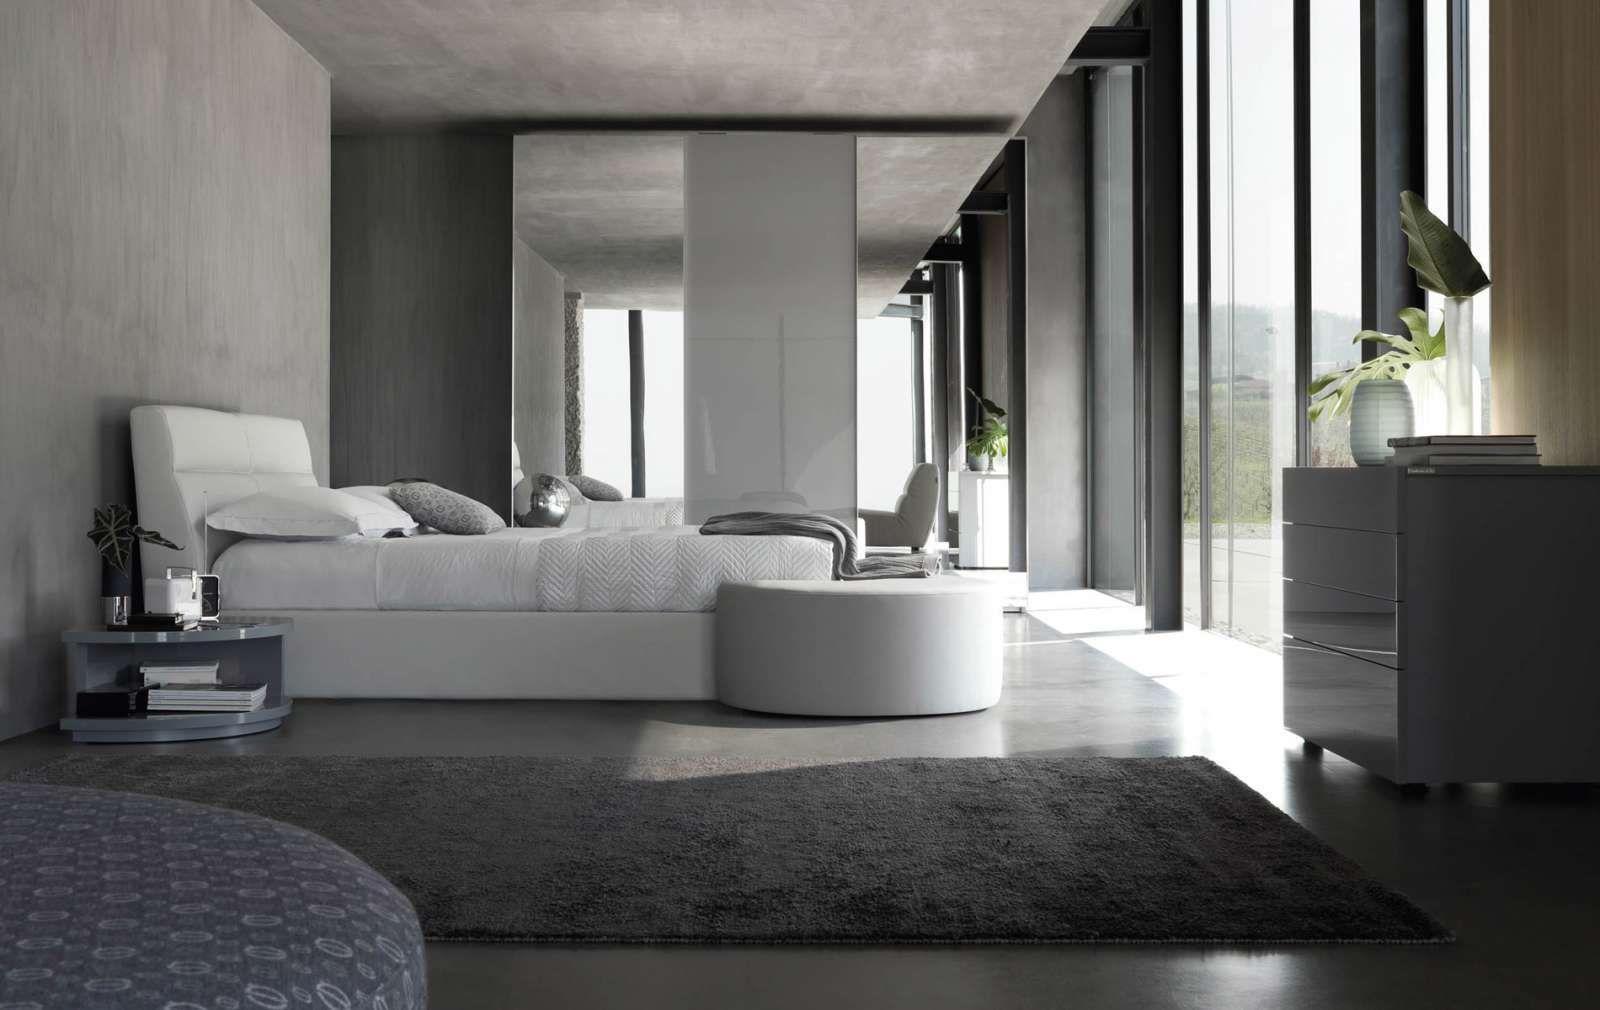 Pittura A Righe Camera Da Letto : Pitturare la camera da letto. cool pitturare la camera da letto with